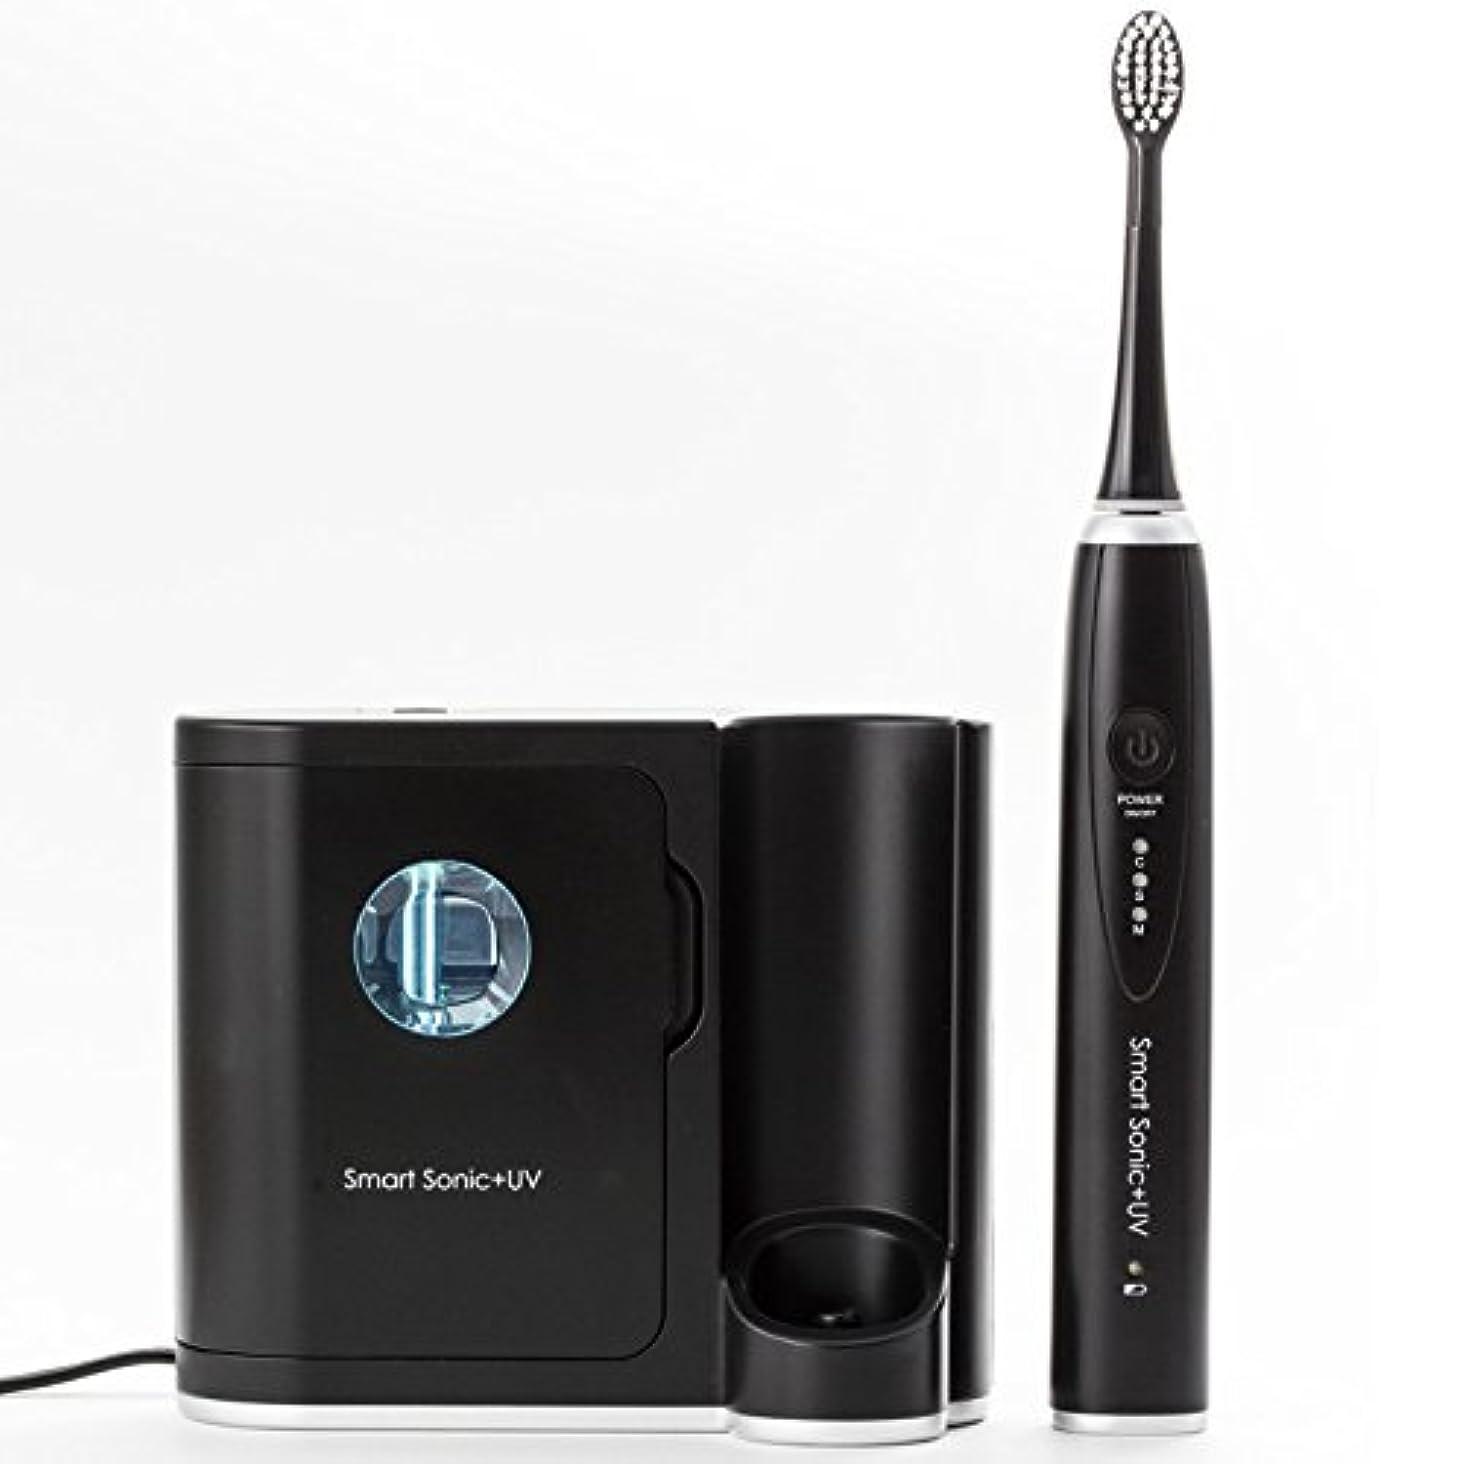 節約祖父母を訪問柔らかい足音波歯ブラシ UV 紫外線除菌 歯ブラシ 殺菌機能付き 電動歯ブラシ スマートソニック プラス UV Smart Sonic UV